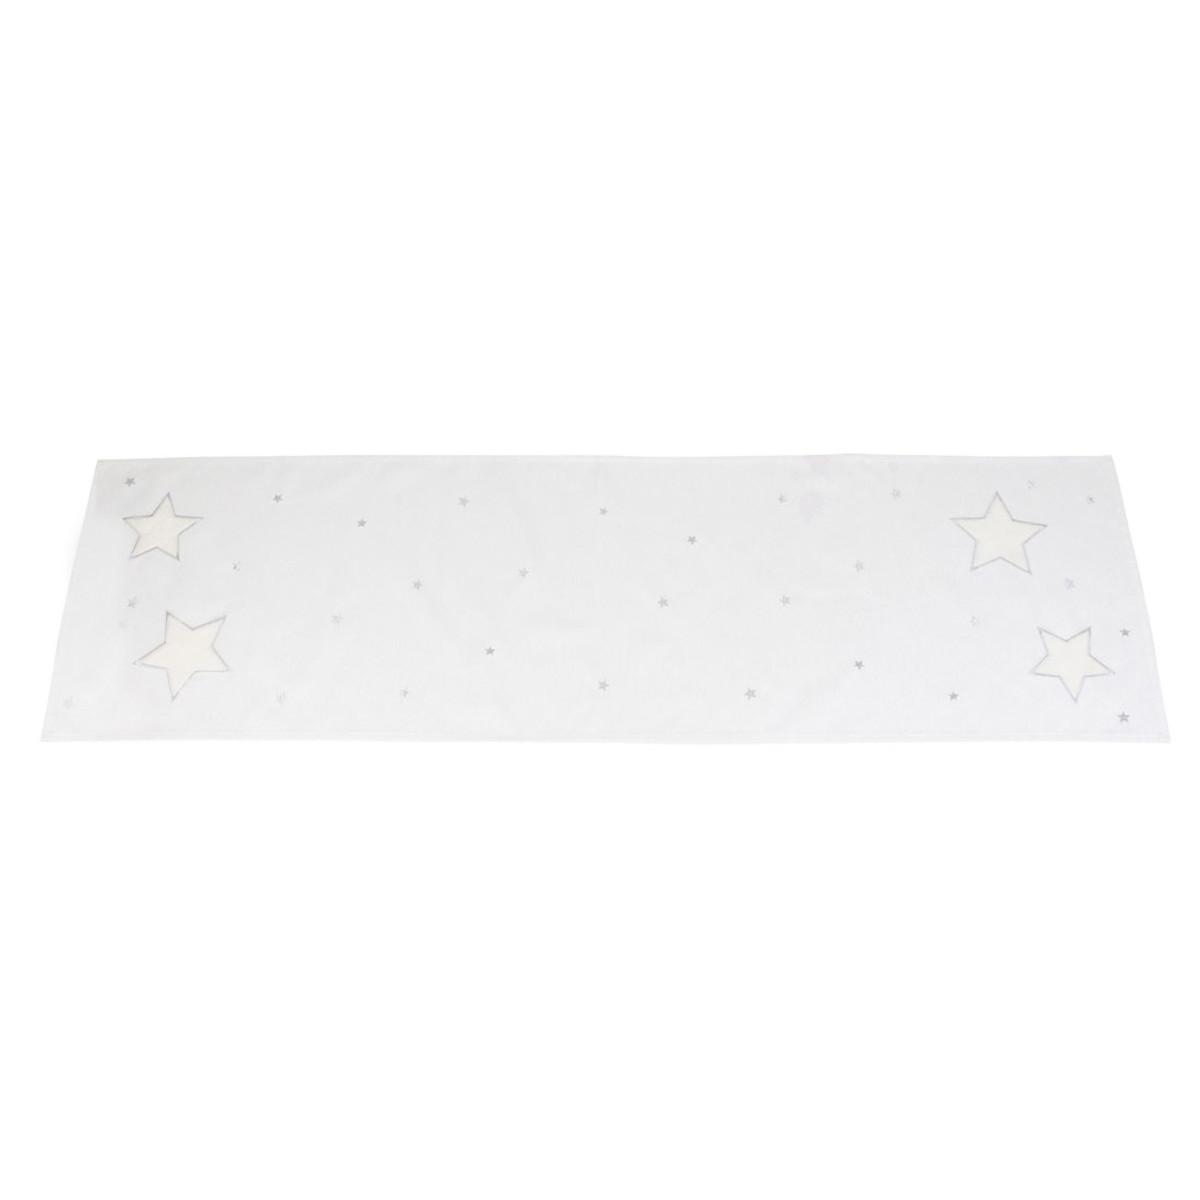 Дорожка на стол Хит-декор Звездный дождь 07727 140х40 см